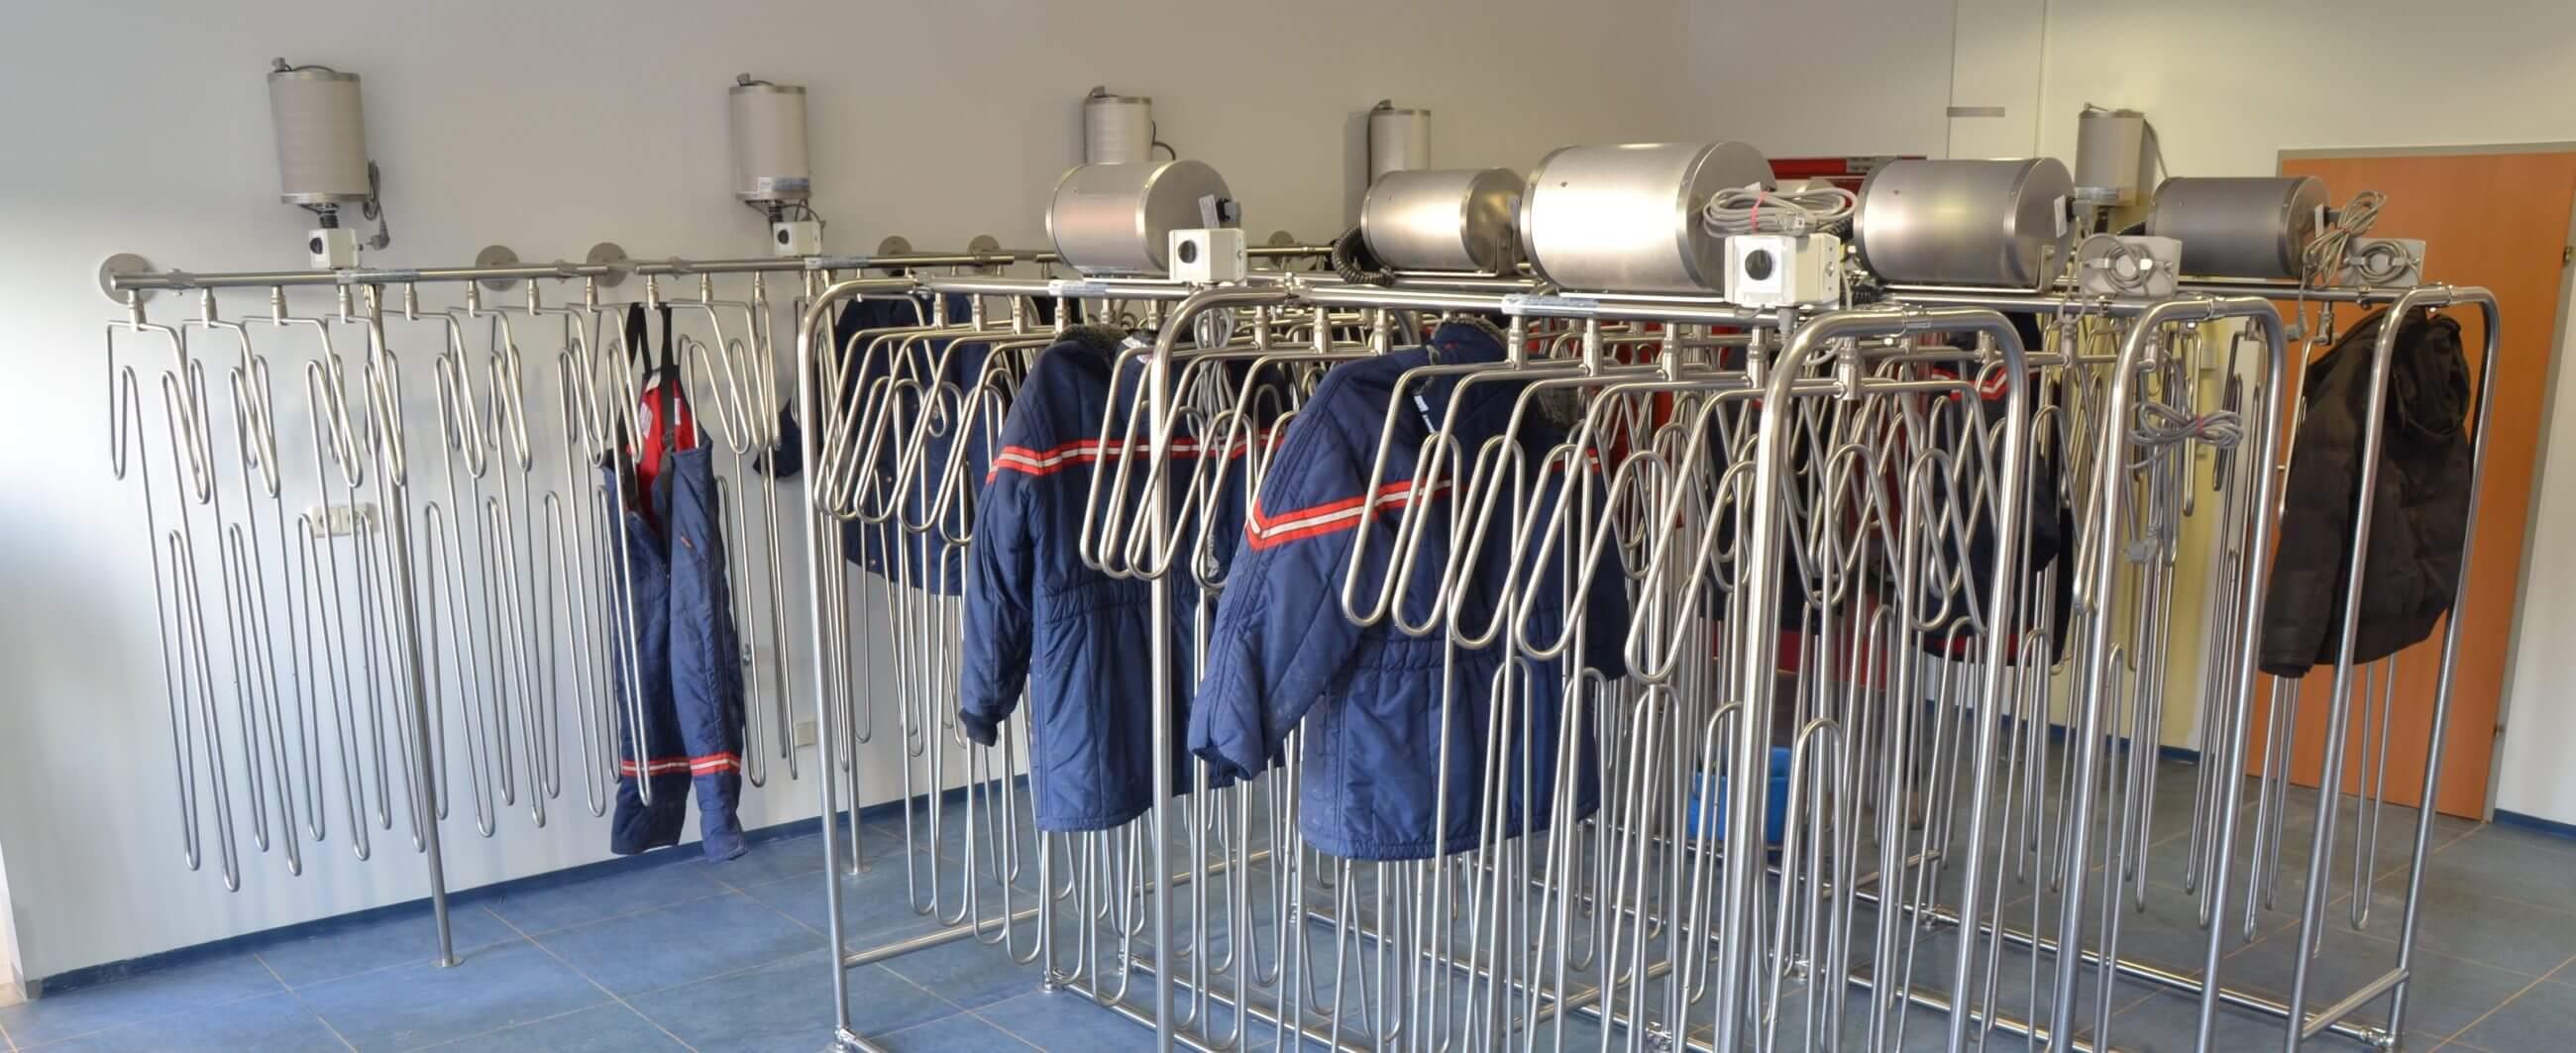 droogsysteem voor thermopakken en spatpakken in koel- en vriesruimtes